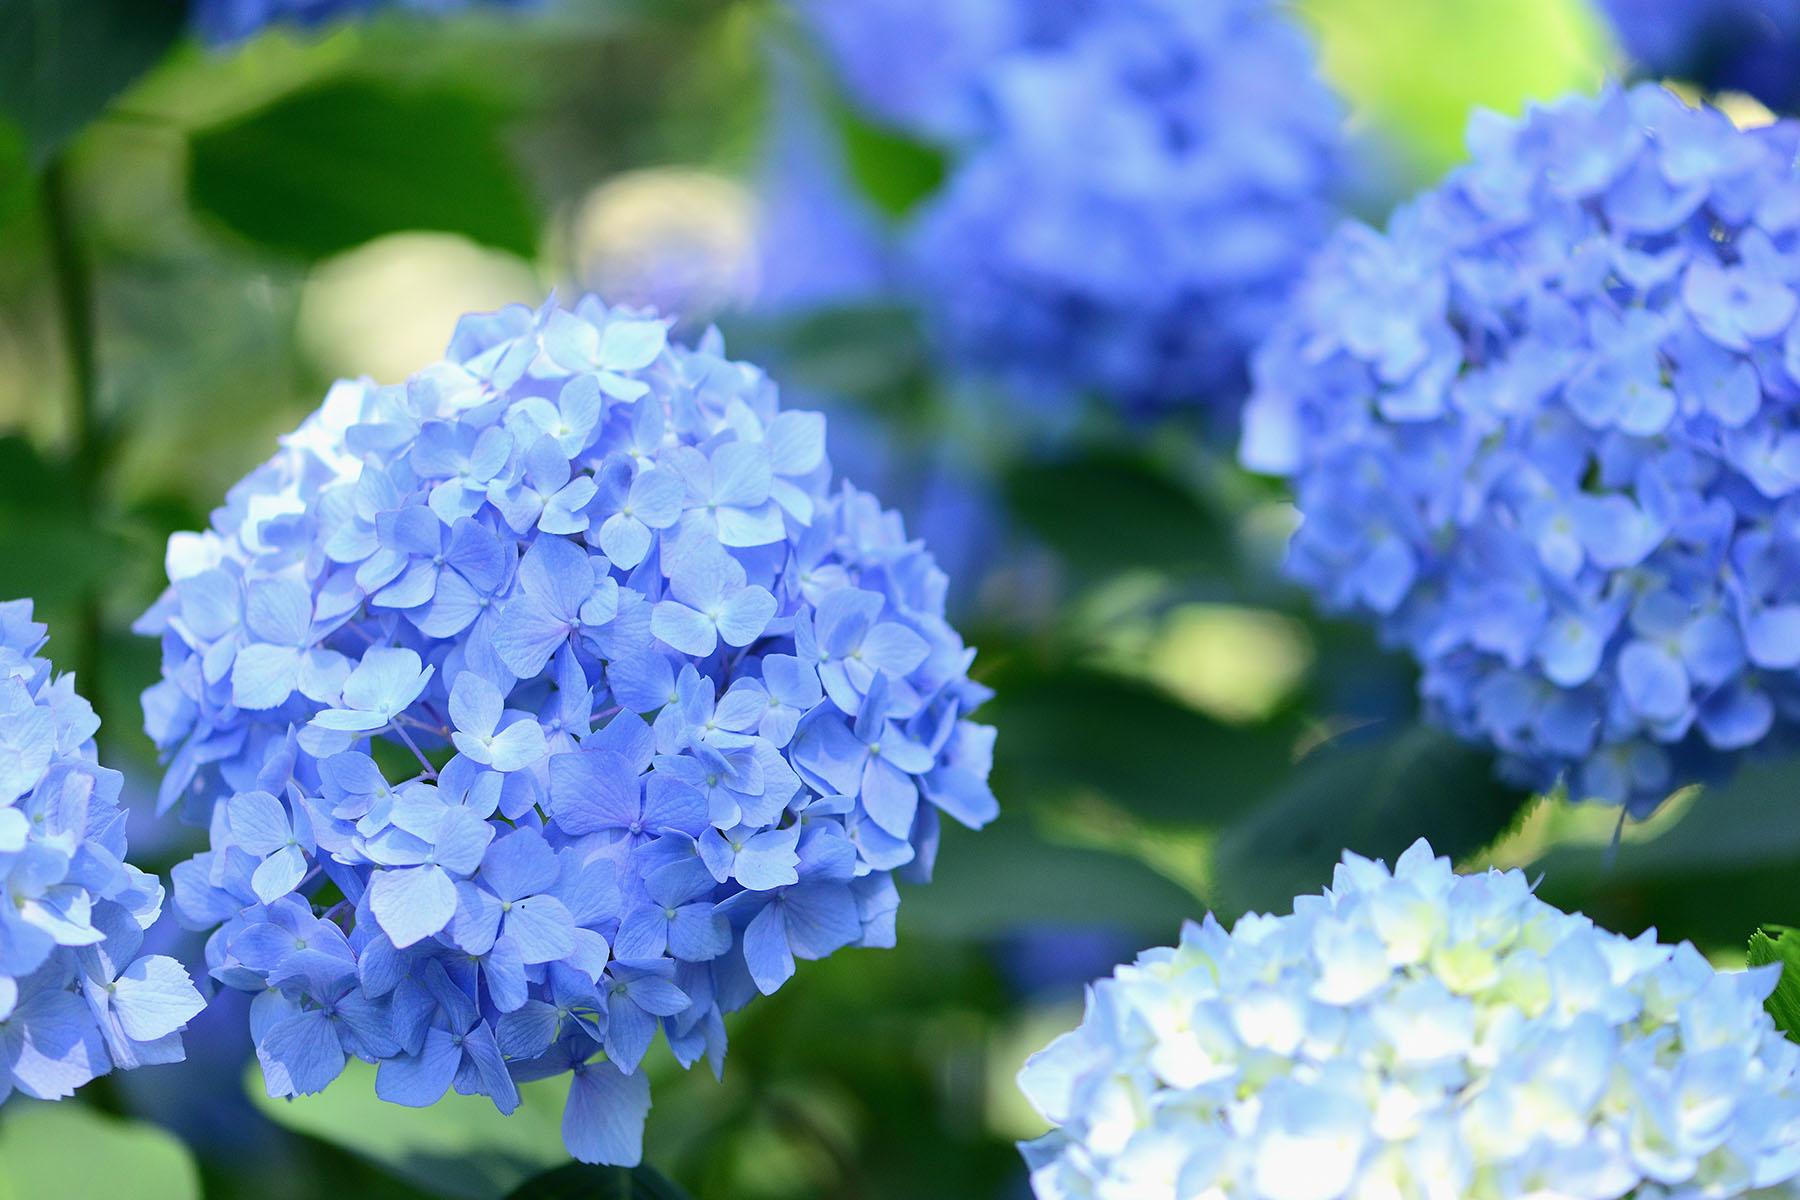 金泉寺の紫陽花(アジサイ) 大龍山 金泉寺